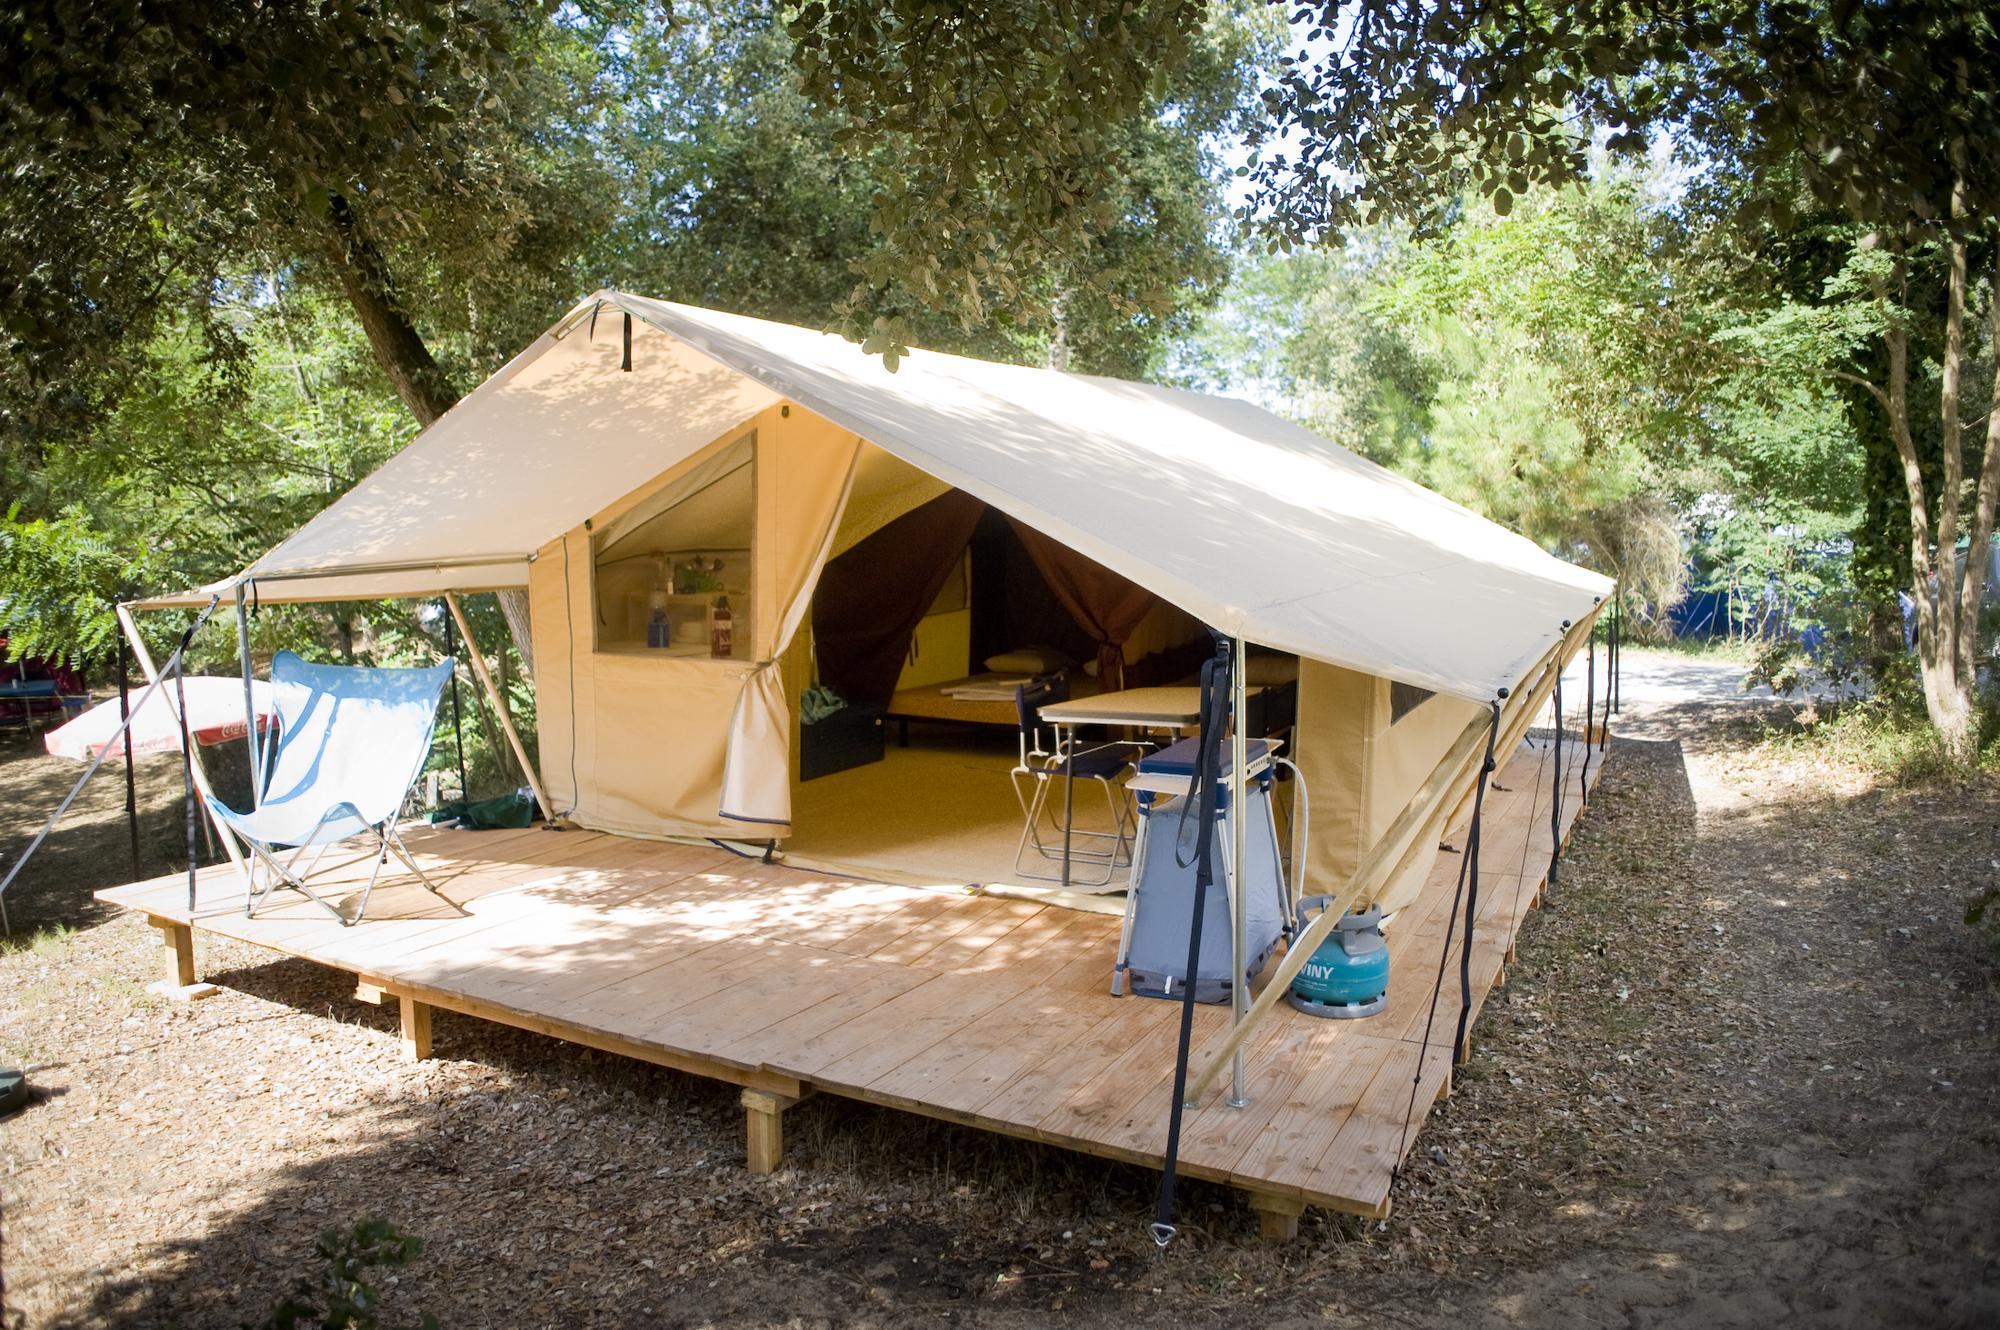 Classic Iv Wood Amp Canvas Tent At Huttopia Oleron Les Pins